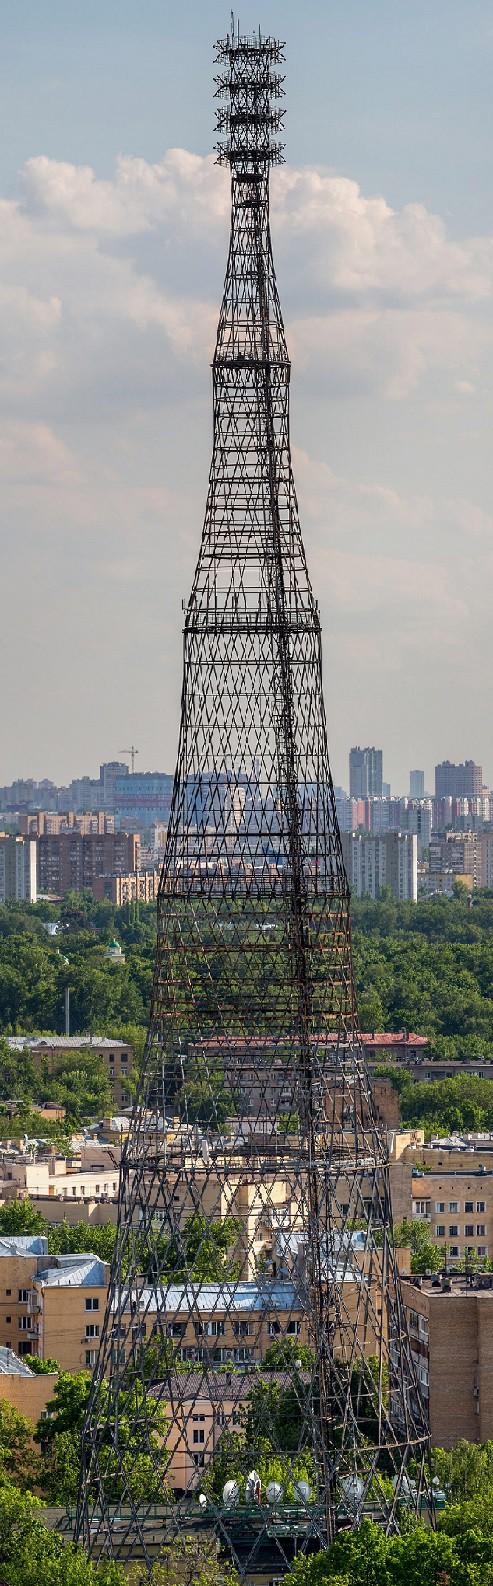 Строительство башни велось без лесов и подъемных кранов. Верхние секции по очереди собирались внутри